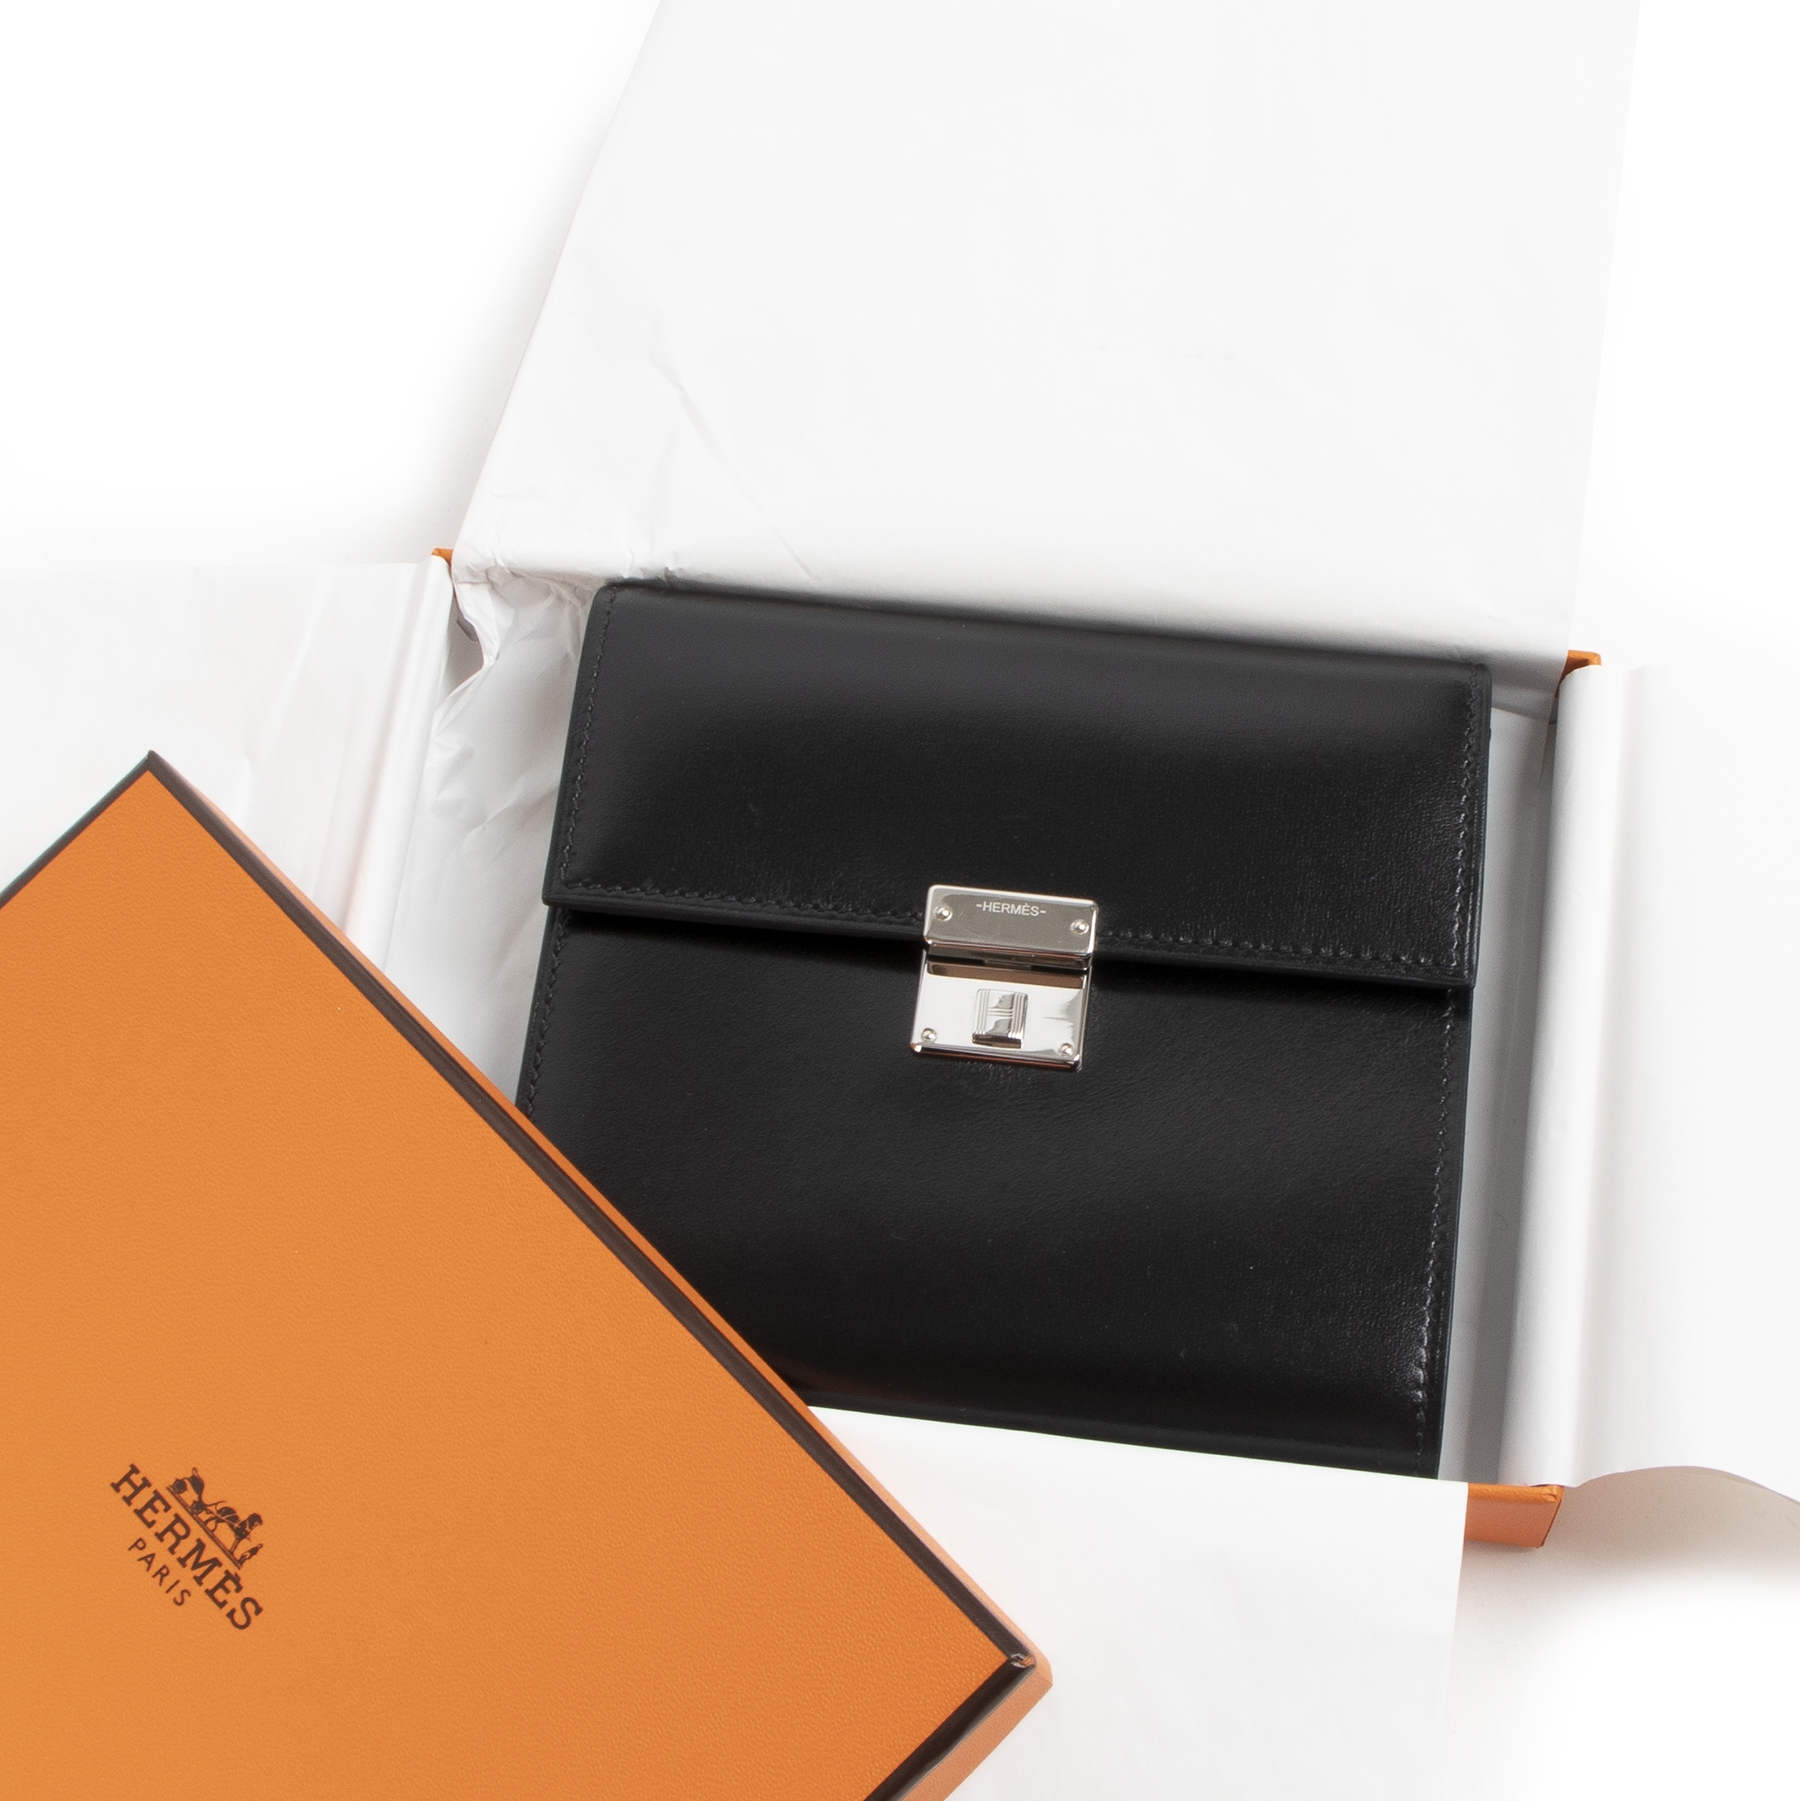 Authentieke Tweedehands Hermès Black Boxcalf Clic Mini Card Holder Wallet juiste prijs veilig online shoppen luxe merken webshop winkelen Antwerpen België mode fashion